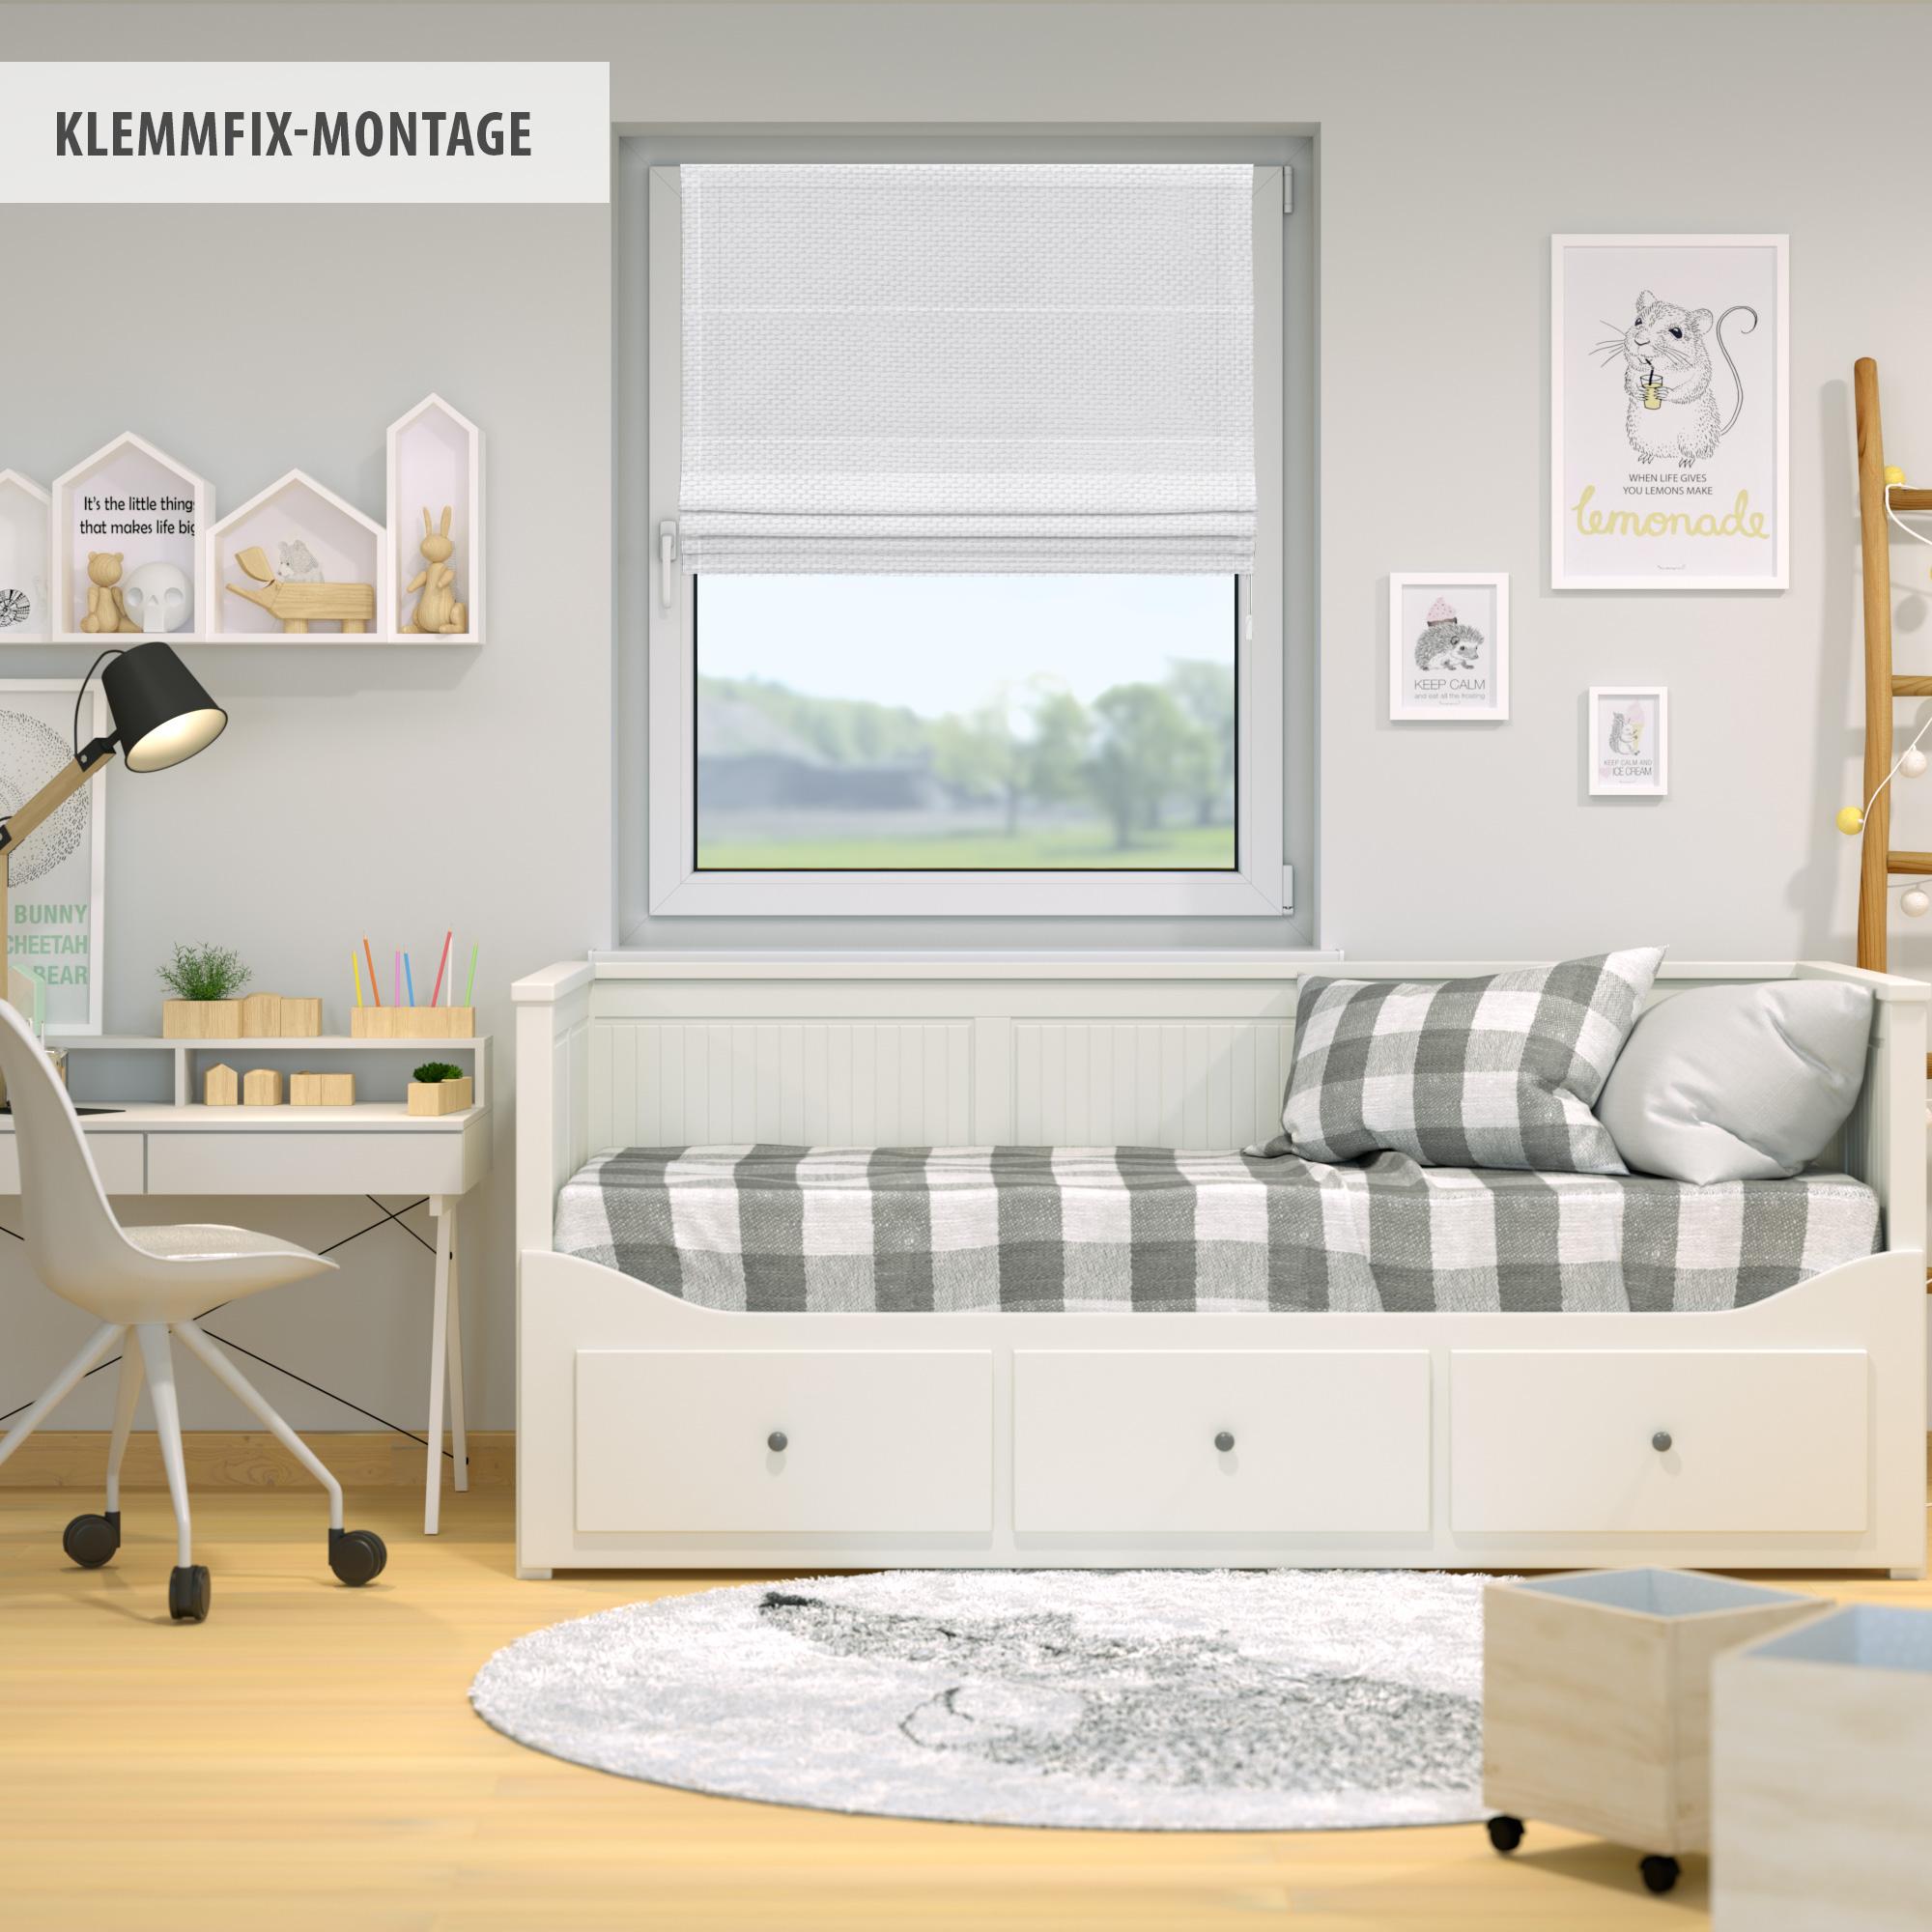 Raffrollo-Faltrollo-Klemmfix-ohne-Bohren-Fenster-Raffgardine-Gardine-VICTORIA-M Indexbild 27